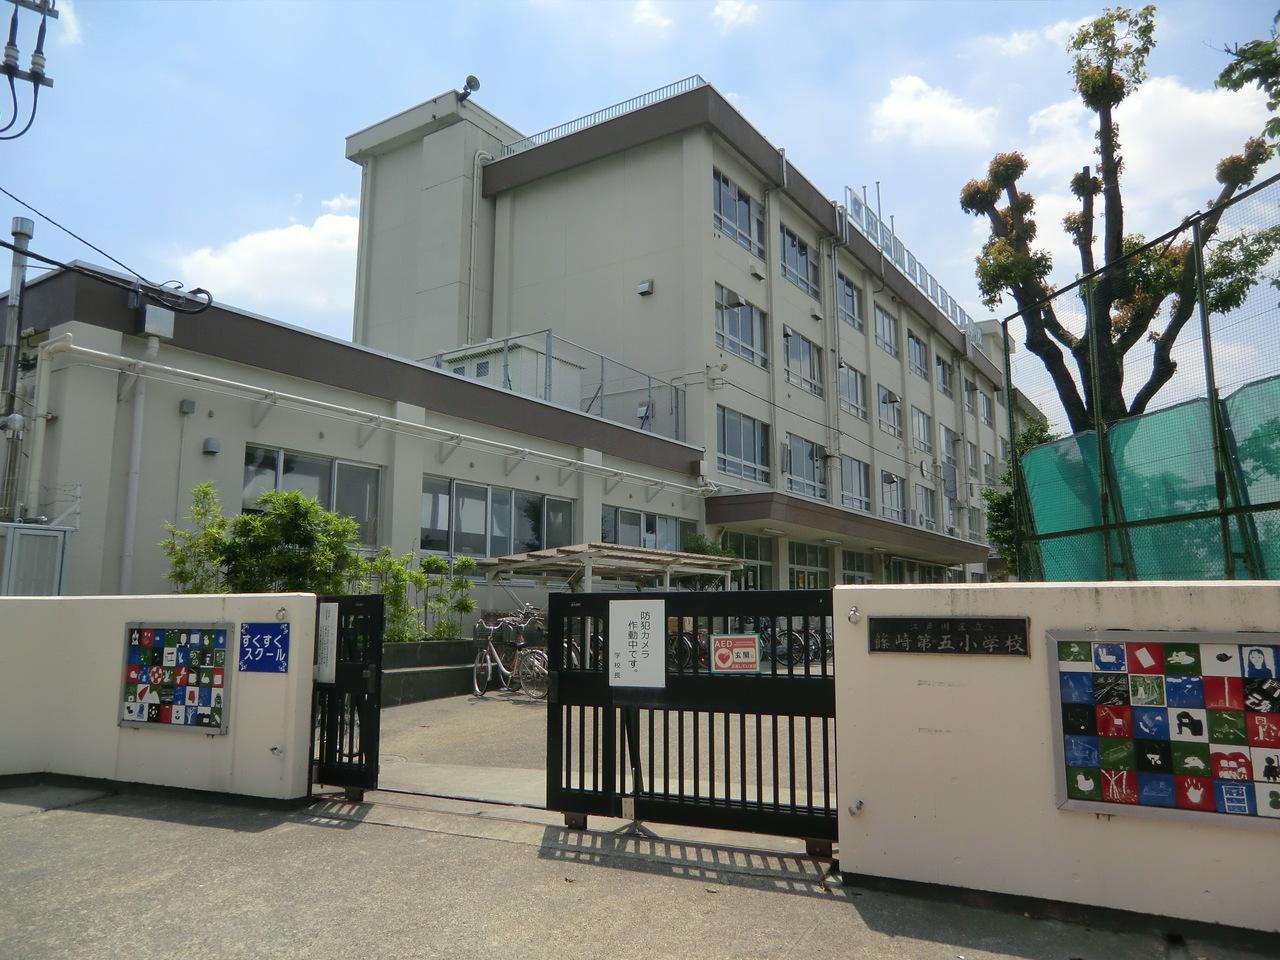 篠崎 第 四 小学校